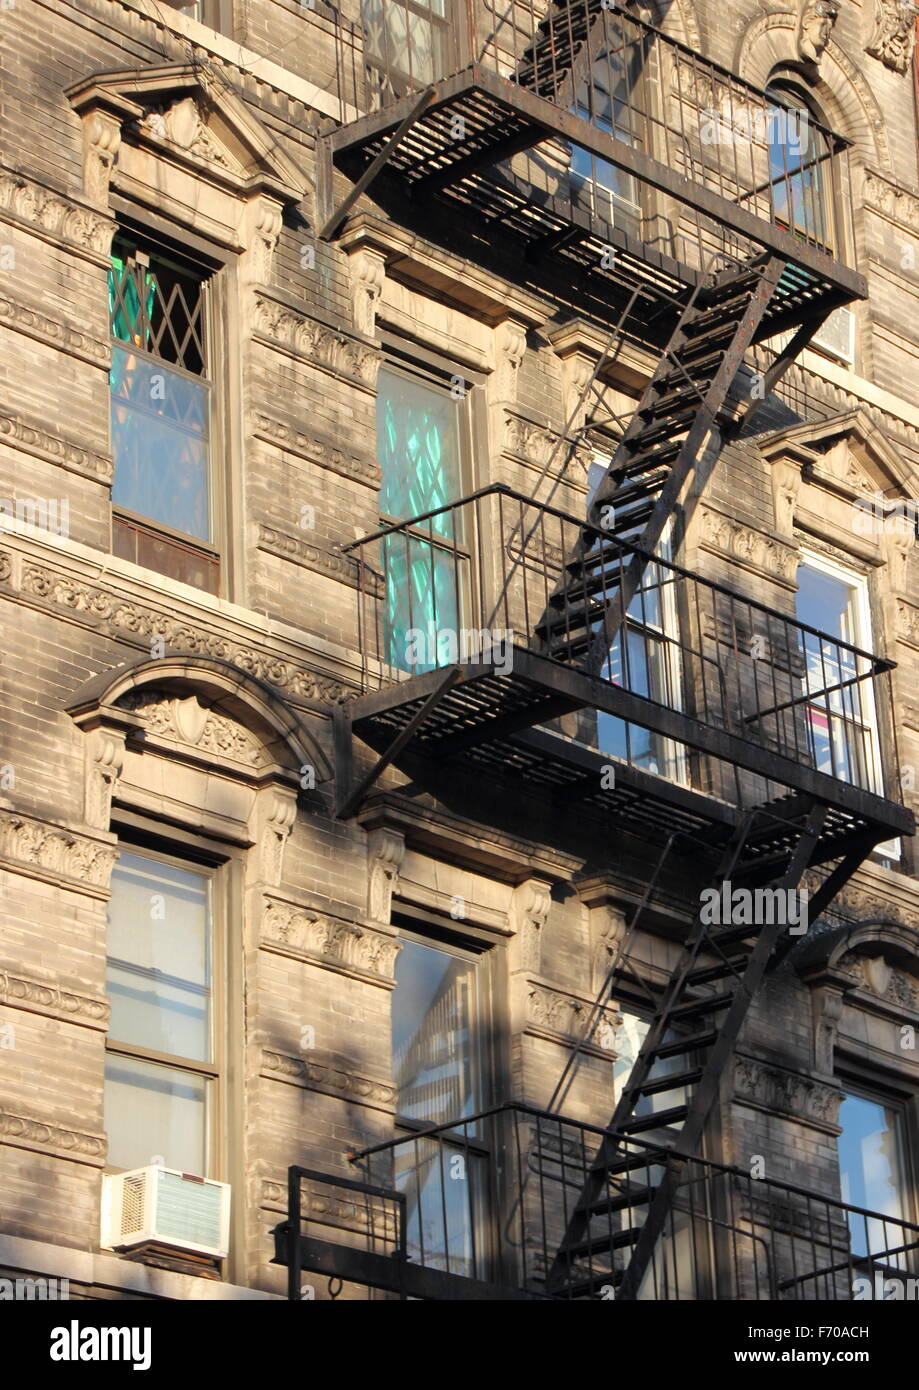 Apartment Building Fire Escape Ladder fire escape new york stock photos & fire escape new york stock